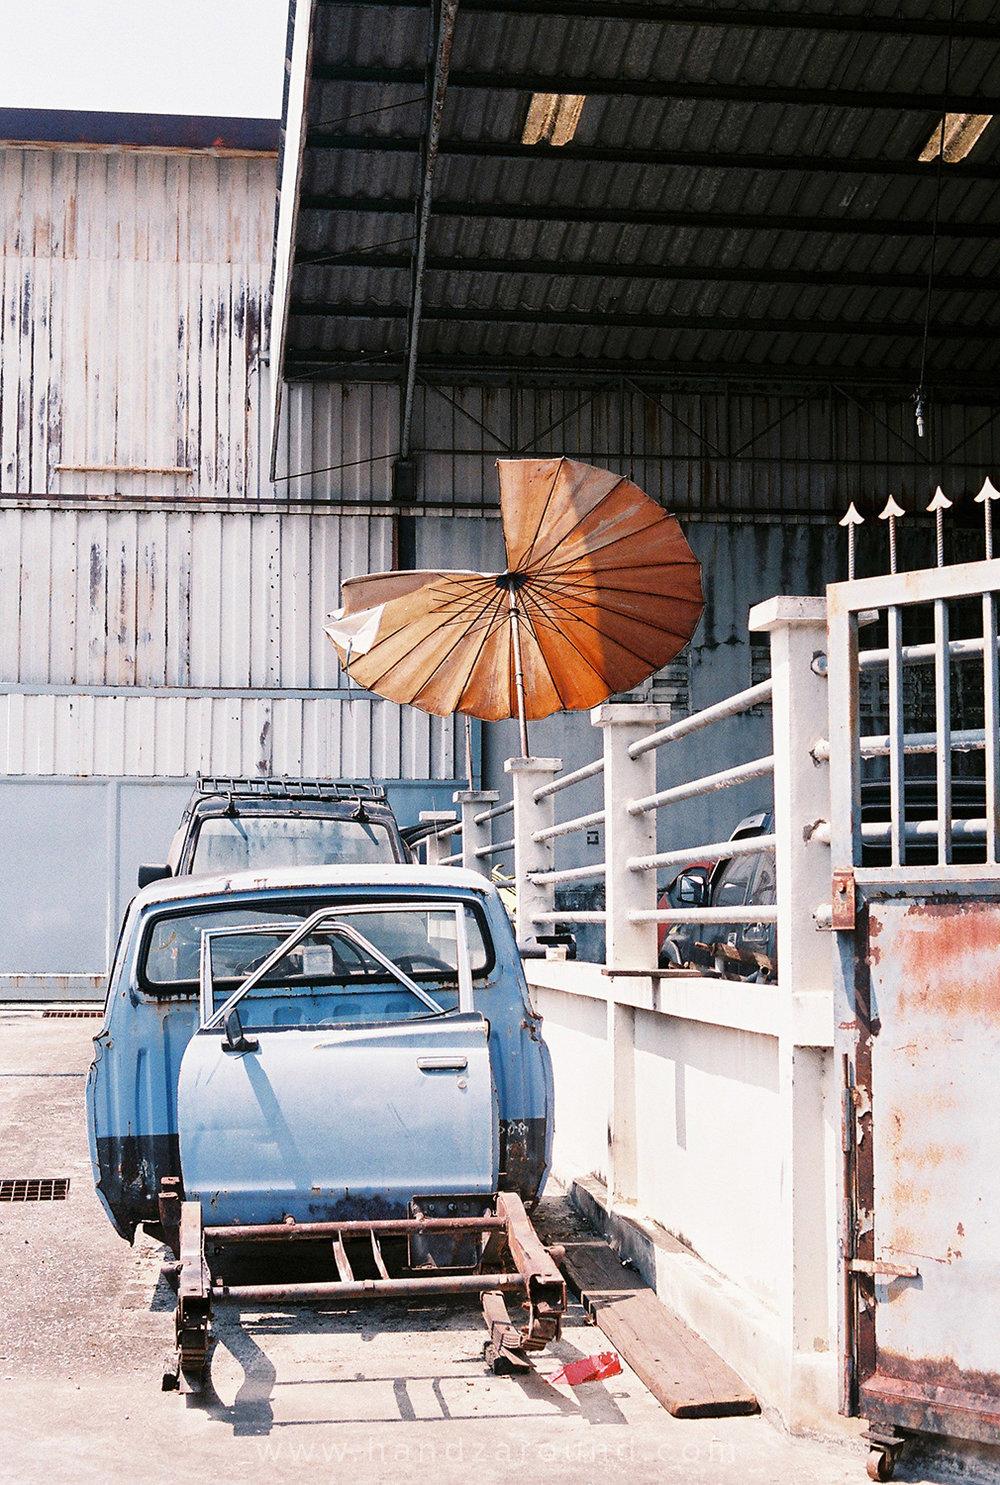 002_Chumphon_Thailand_Photo_Story_HandZaround.jpg